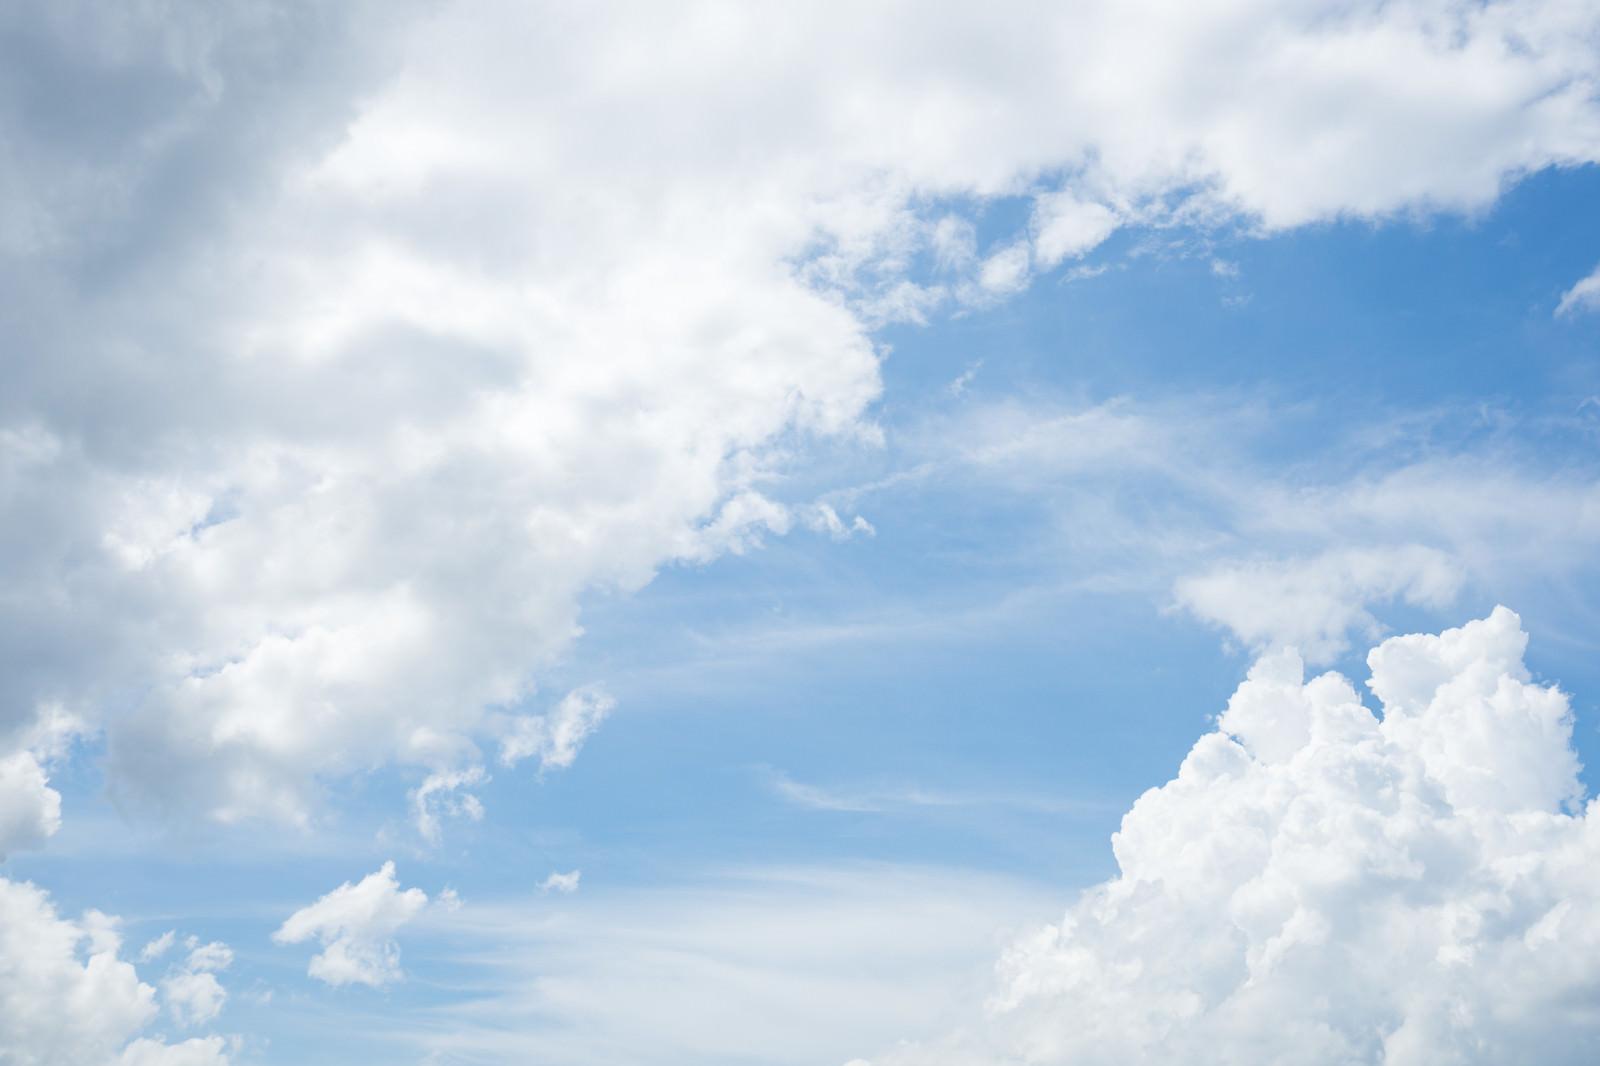 「晴れた空と雲の空」の写真